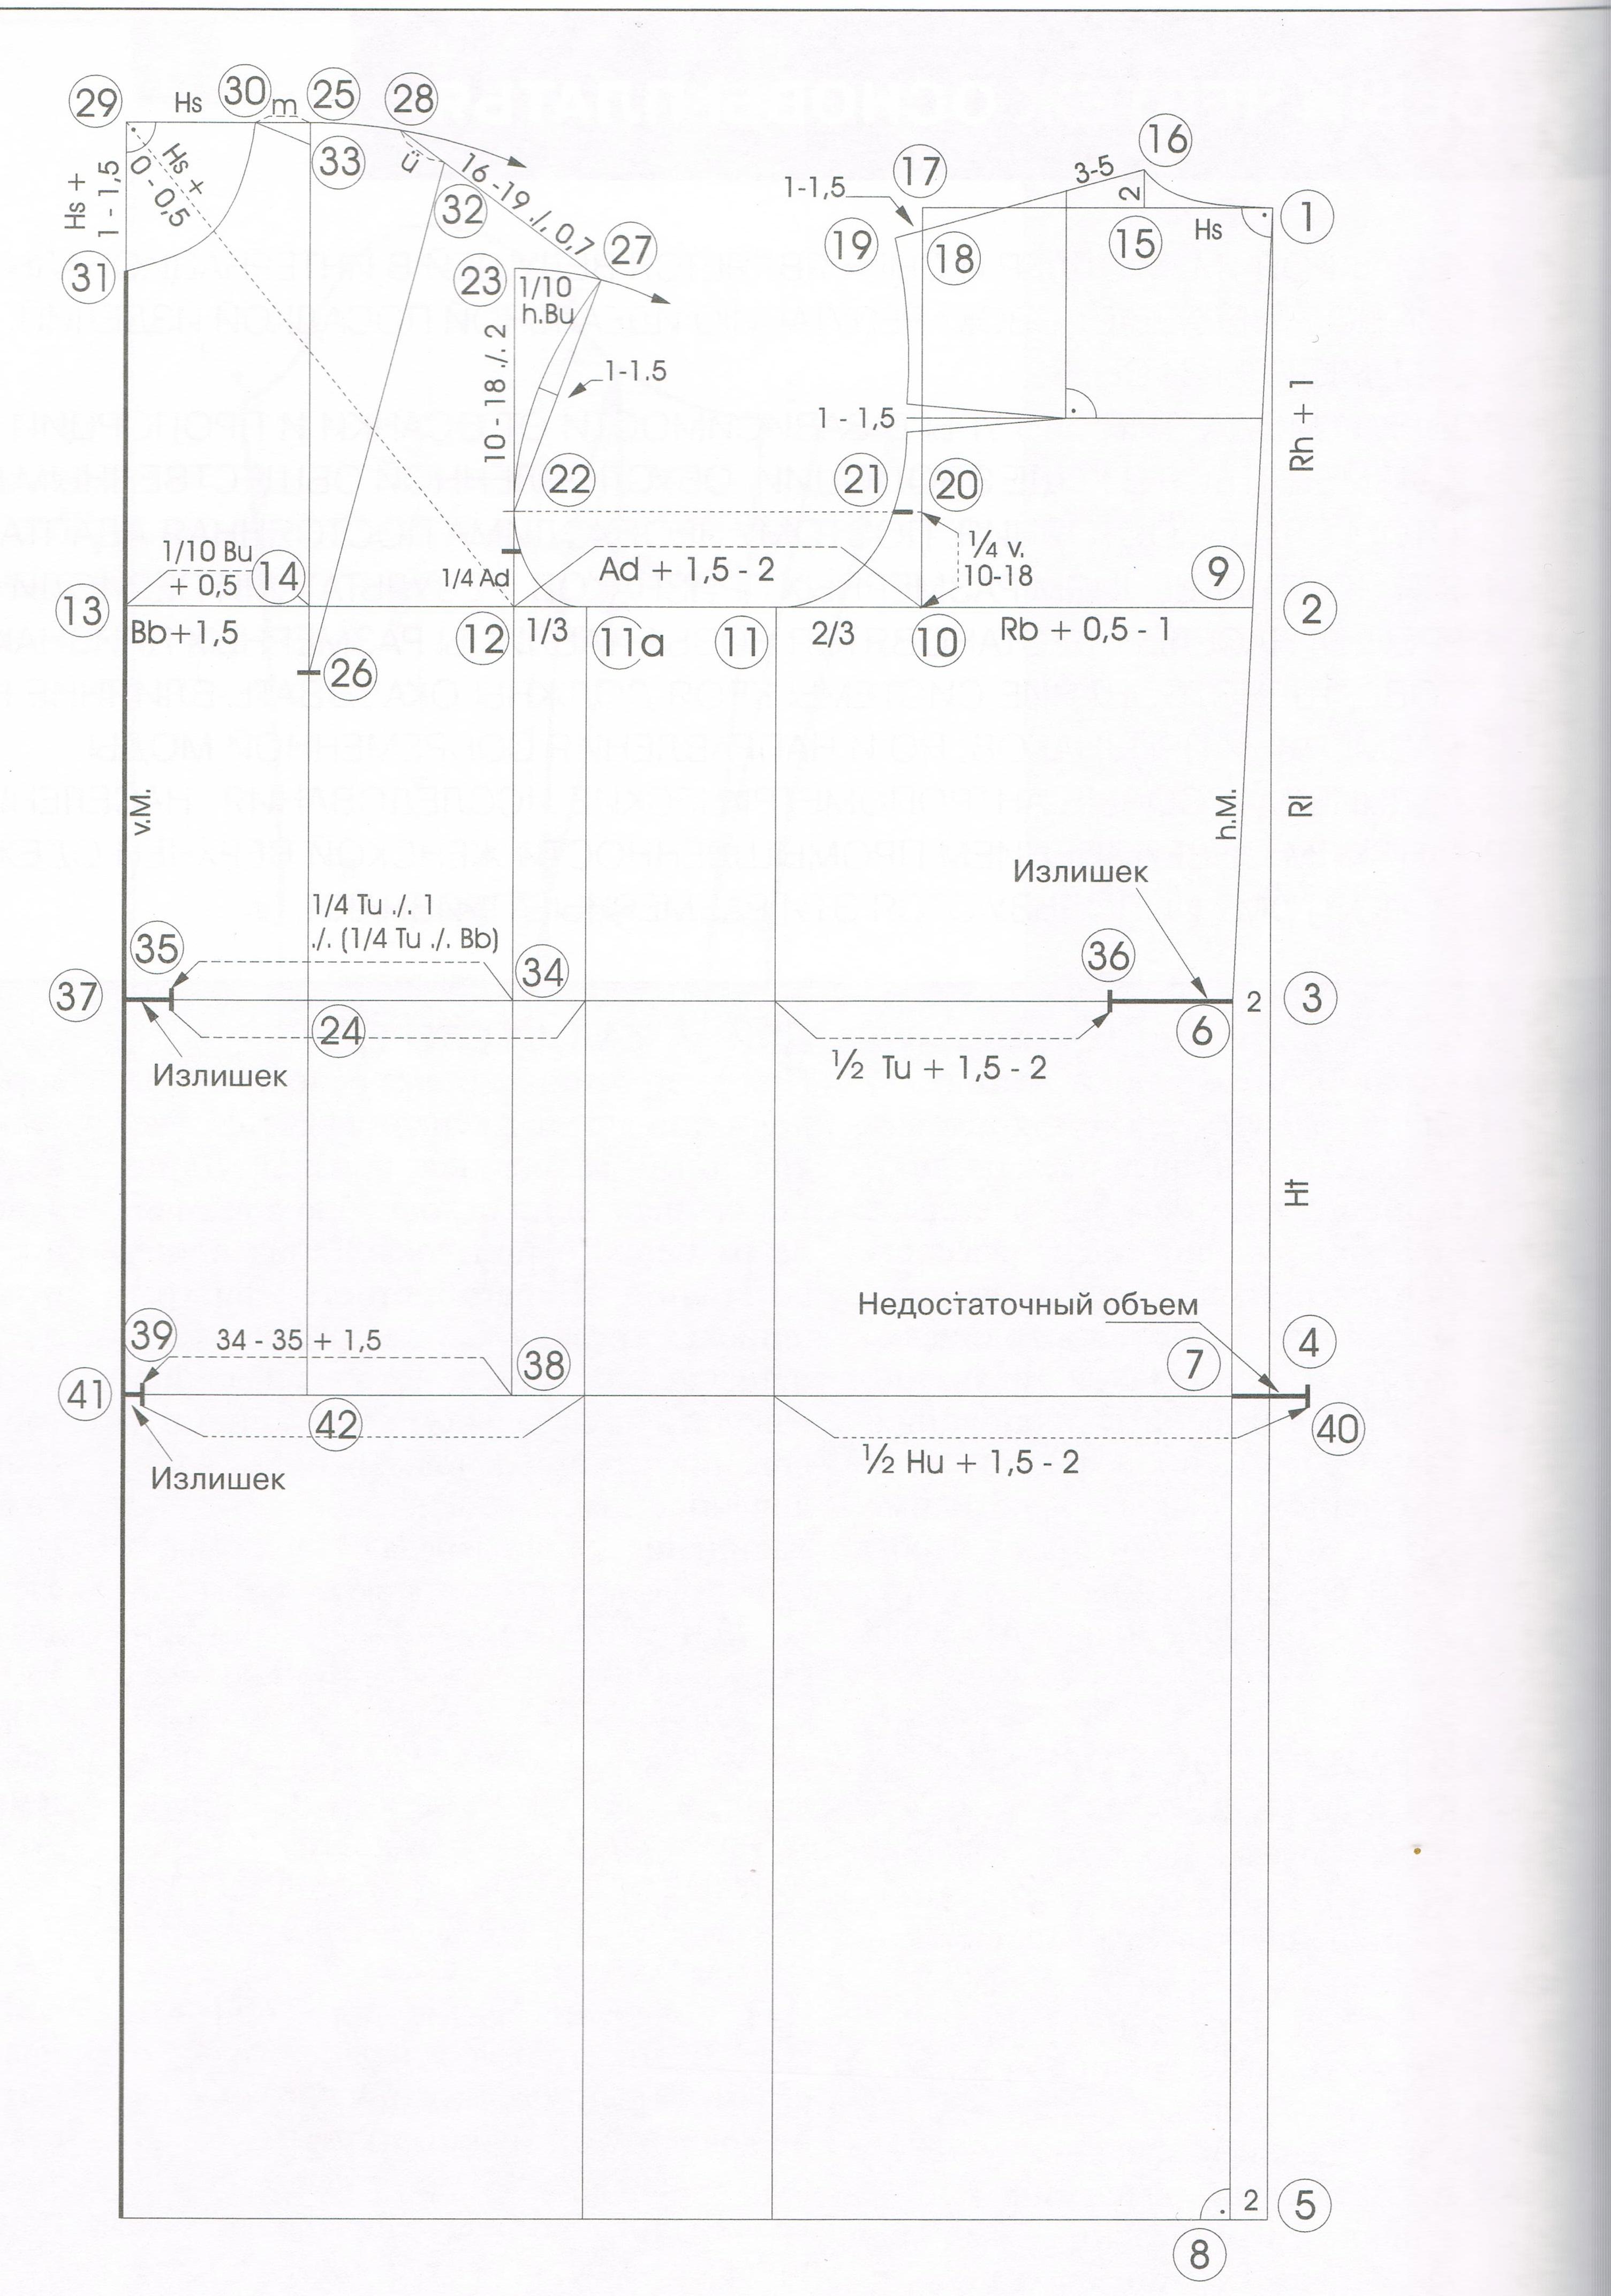 Построение выкроек по методу мюллера фото 185